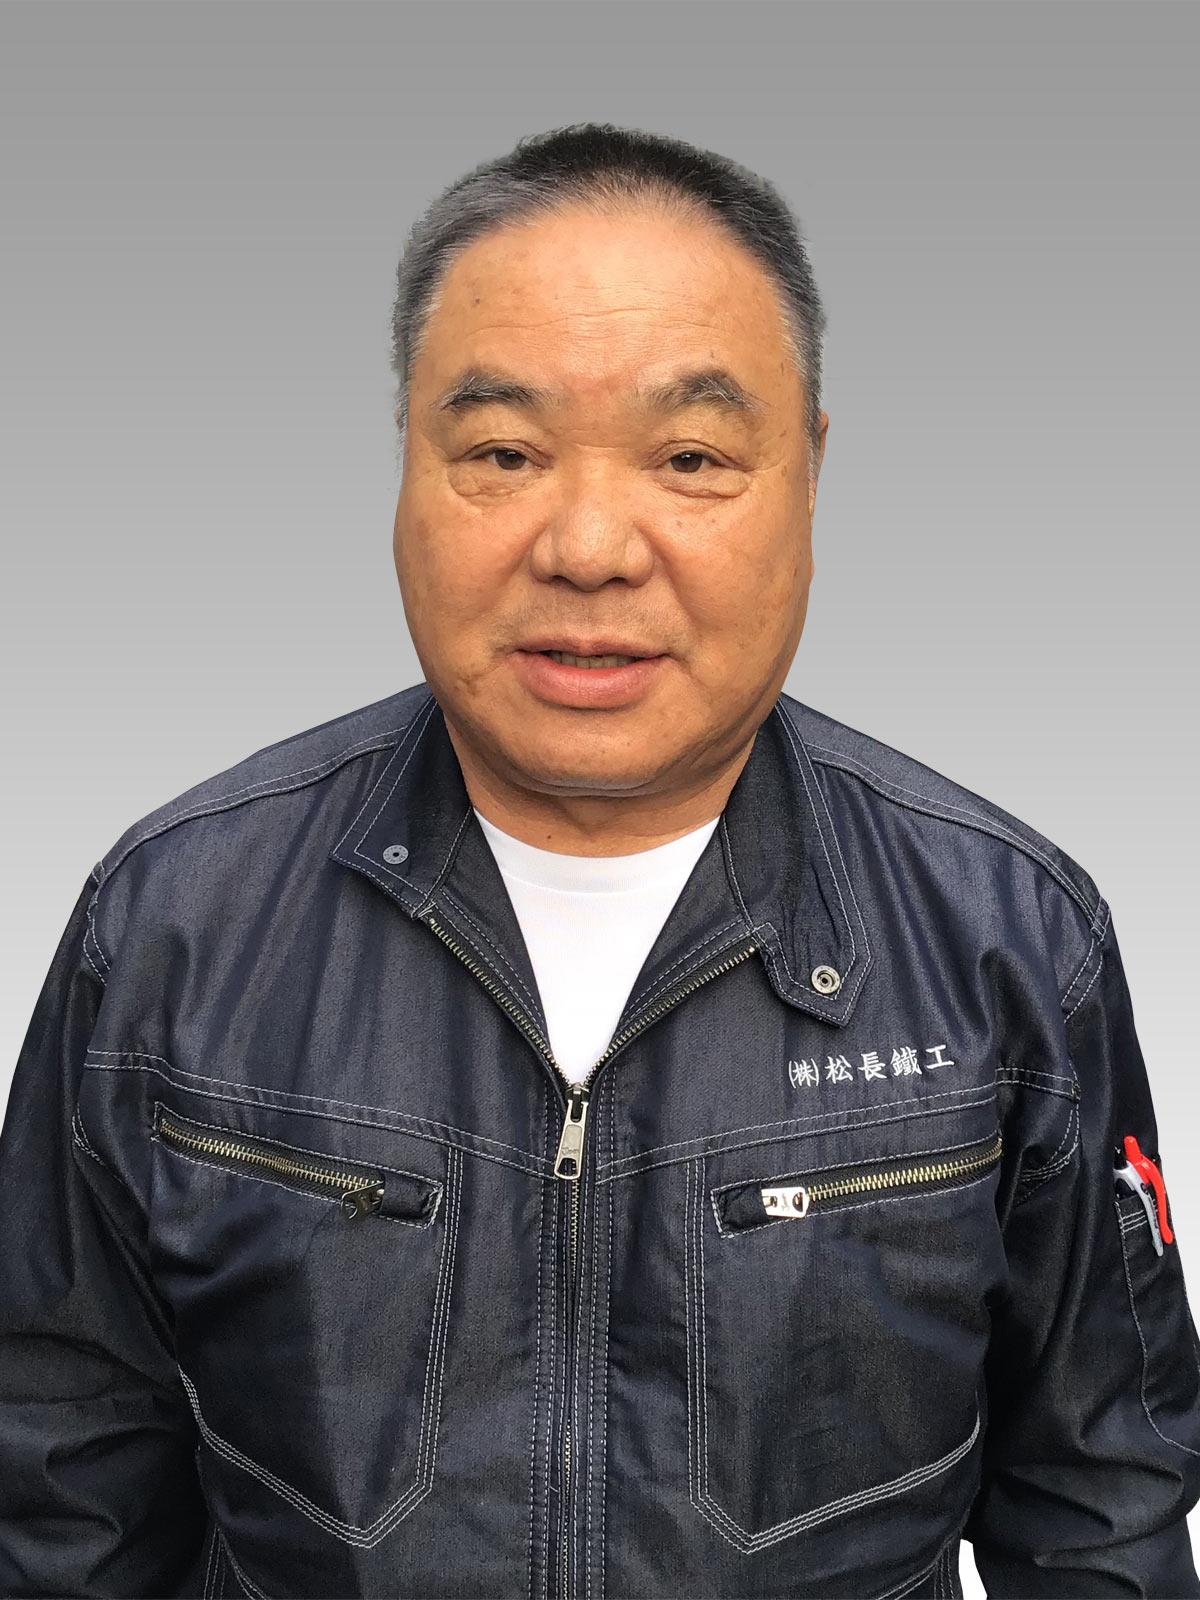 株式会社松長鐵工 代表取締役 松長今朝男